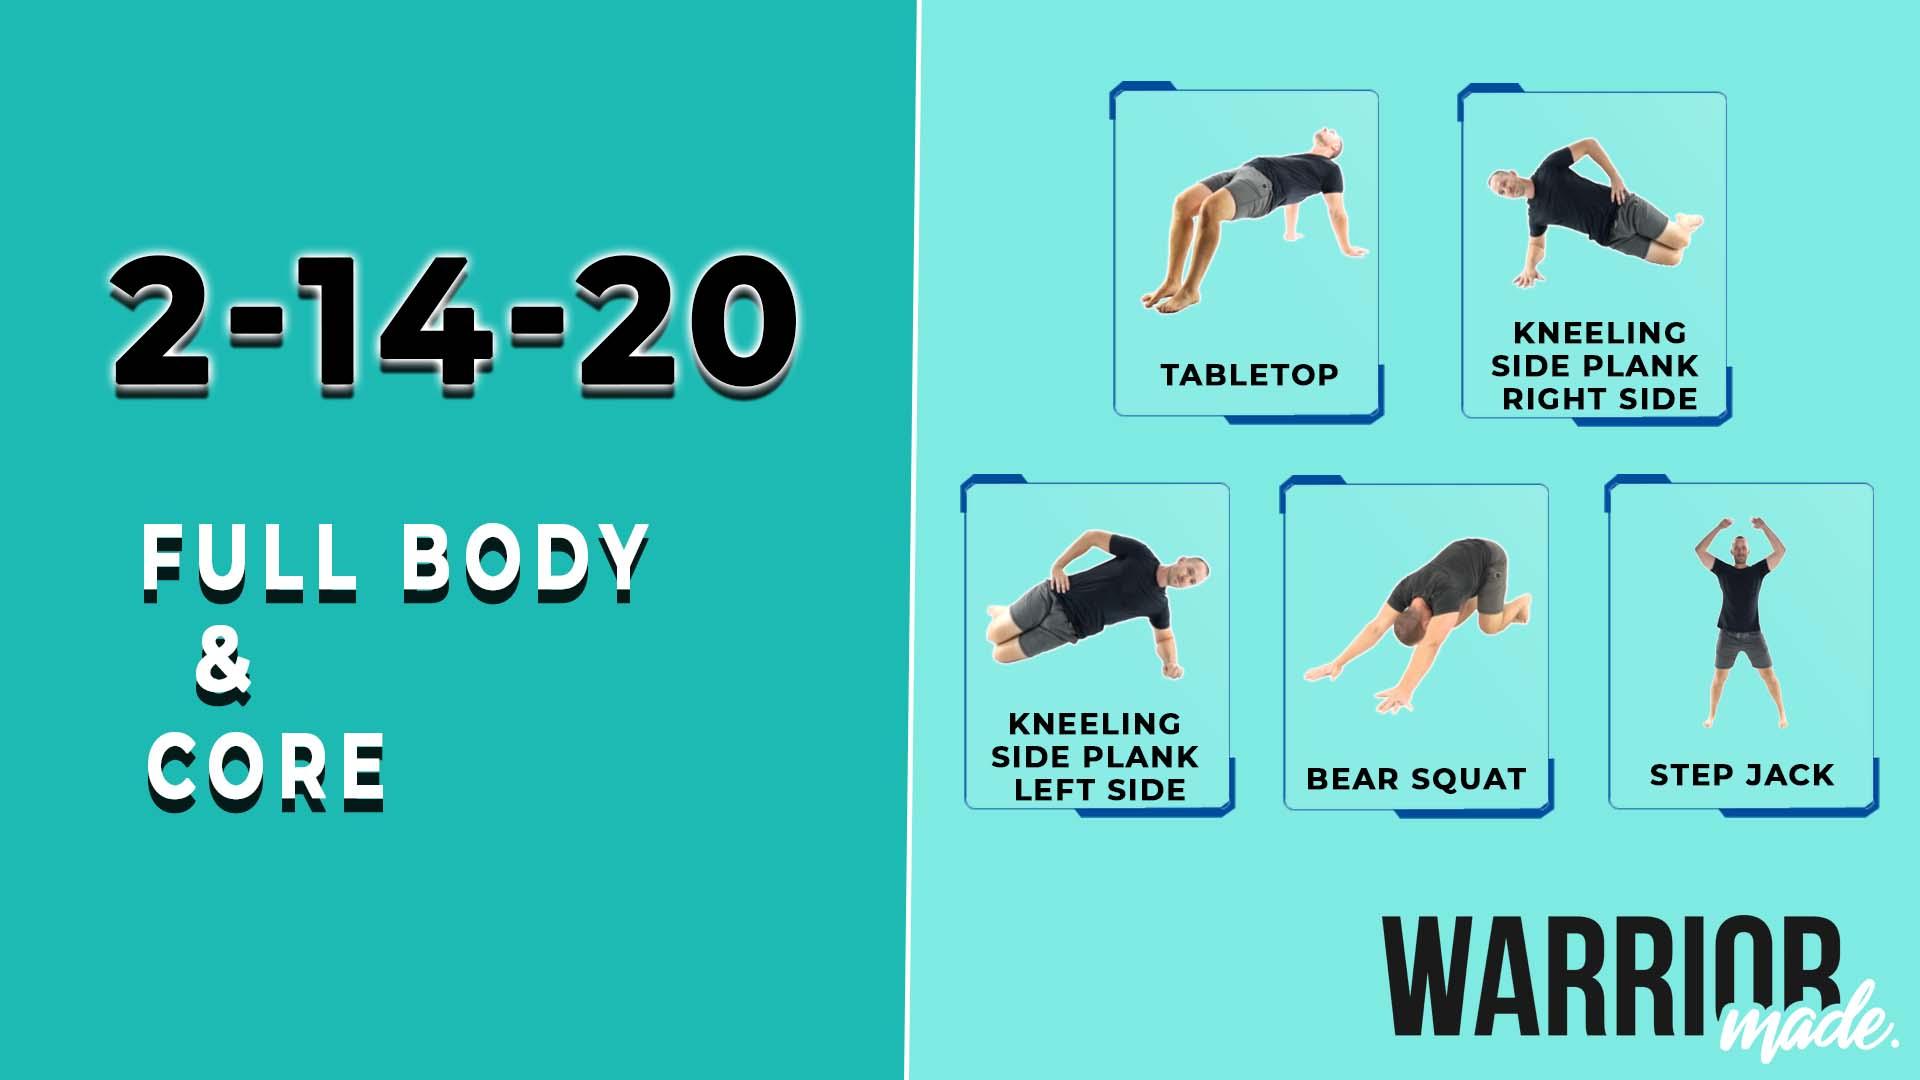 workouts-02-14-20